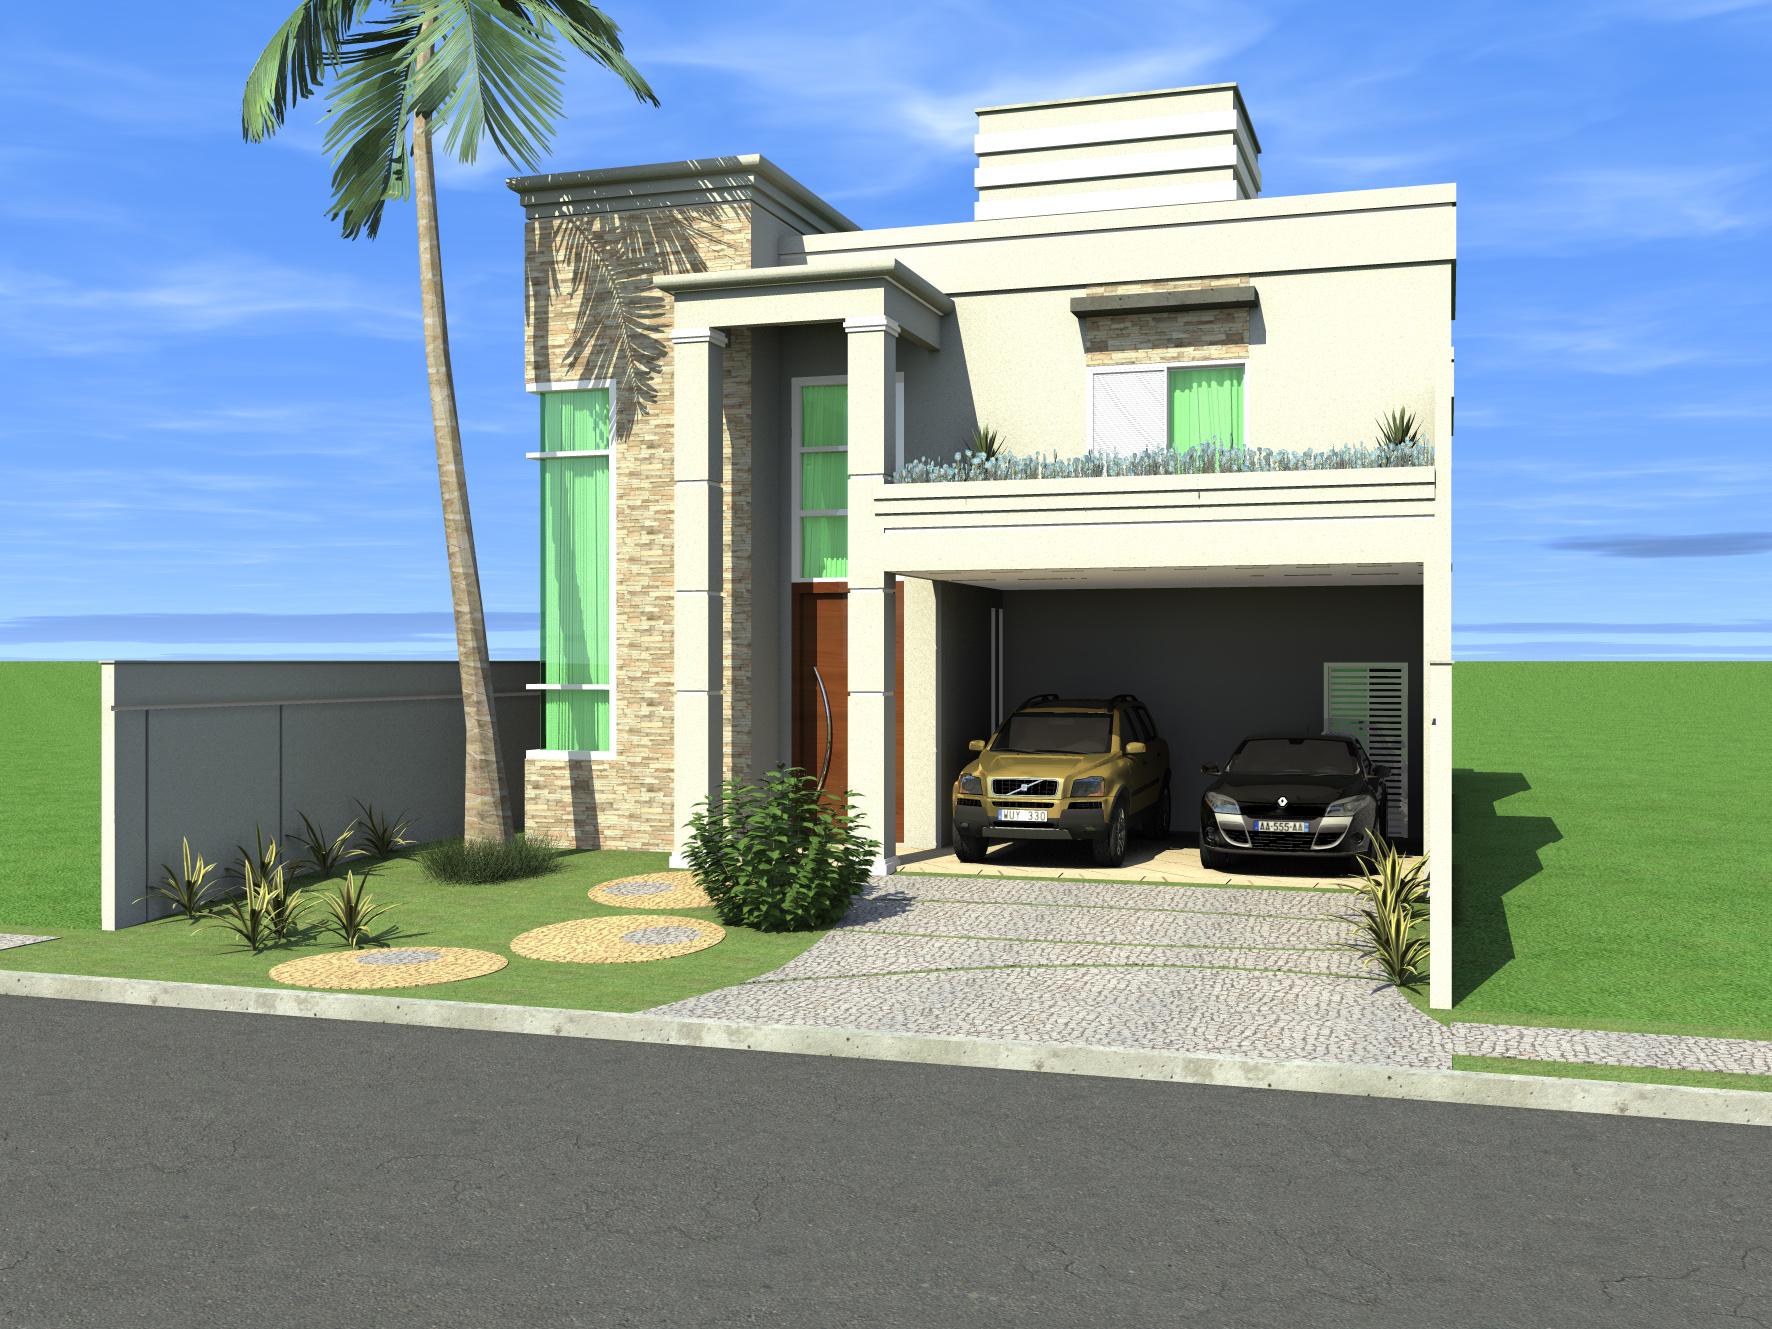 Projetos de casa com arquitetura cl ssica s o tendencia em for Casa classica moderna